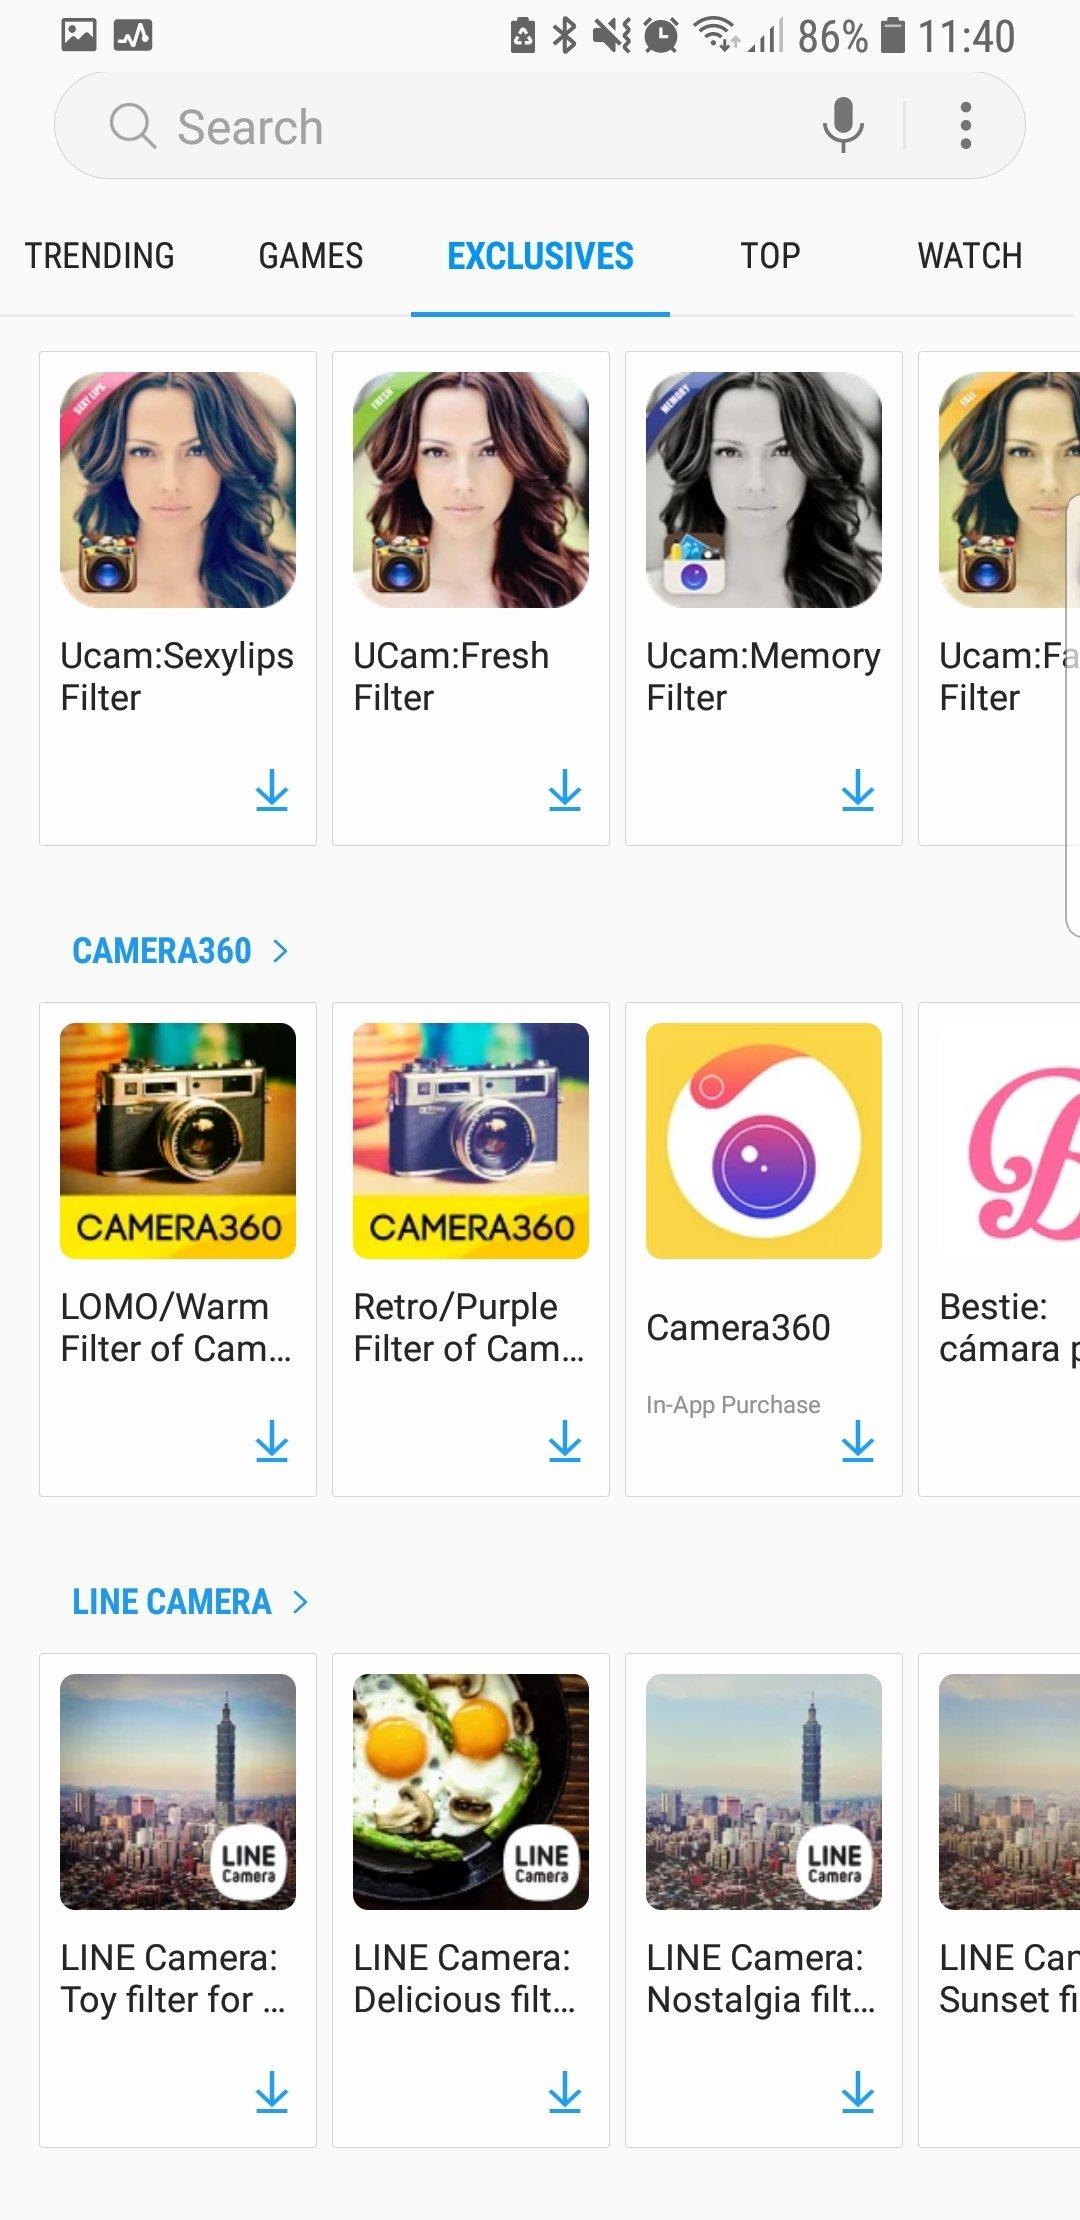 Galaxy apps скачать приложение playmarket программы скачать на телефон